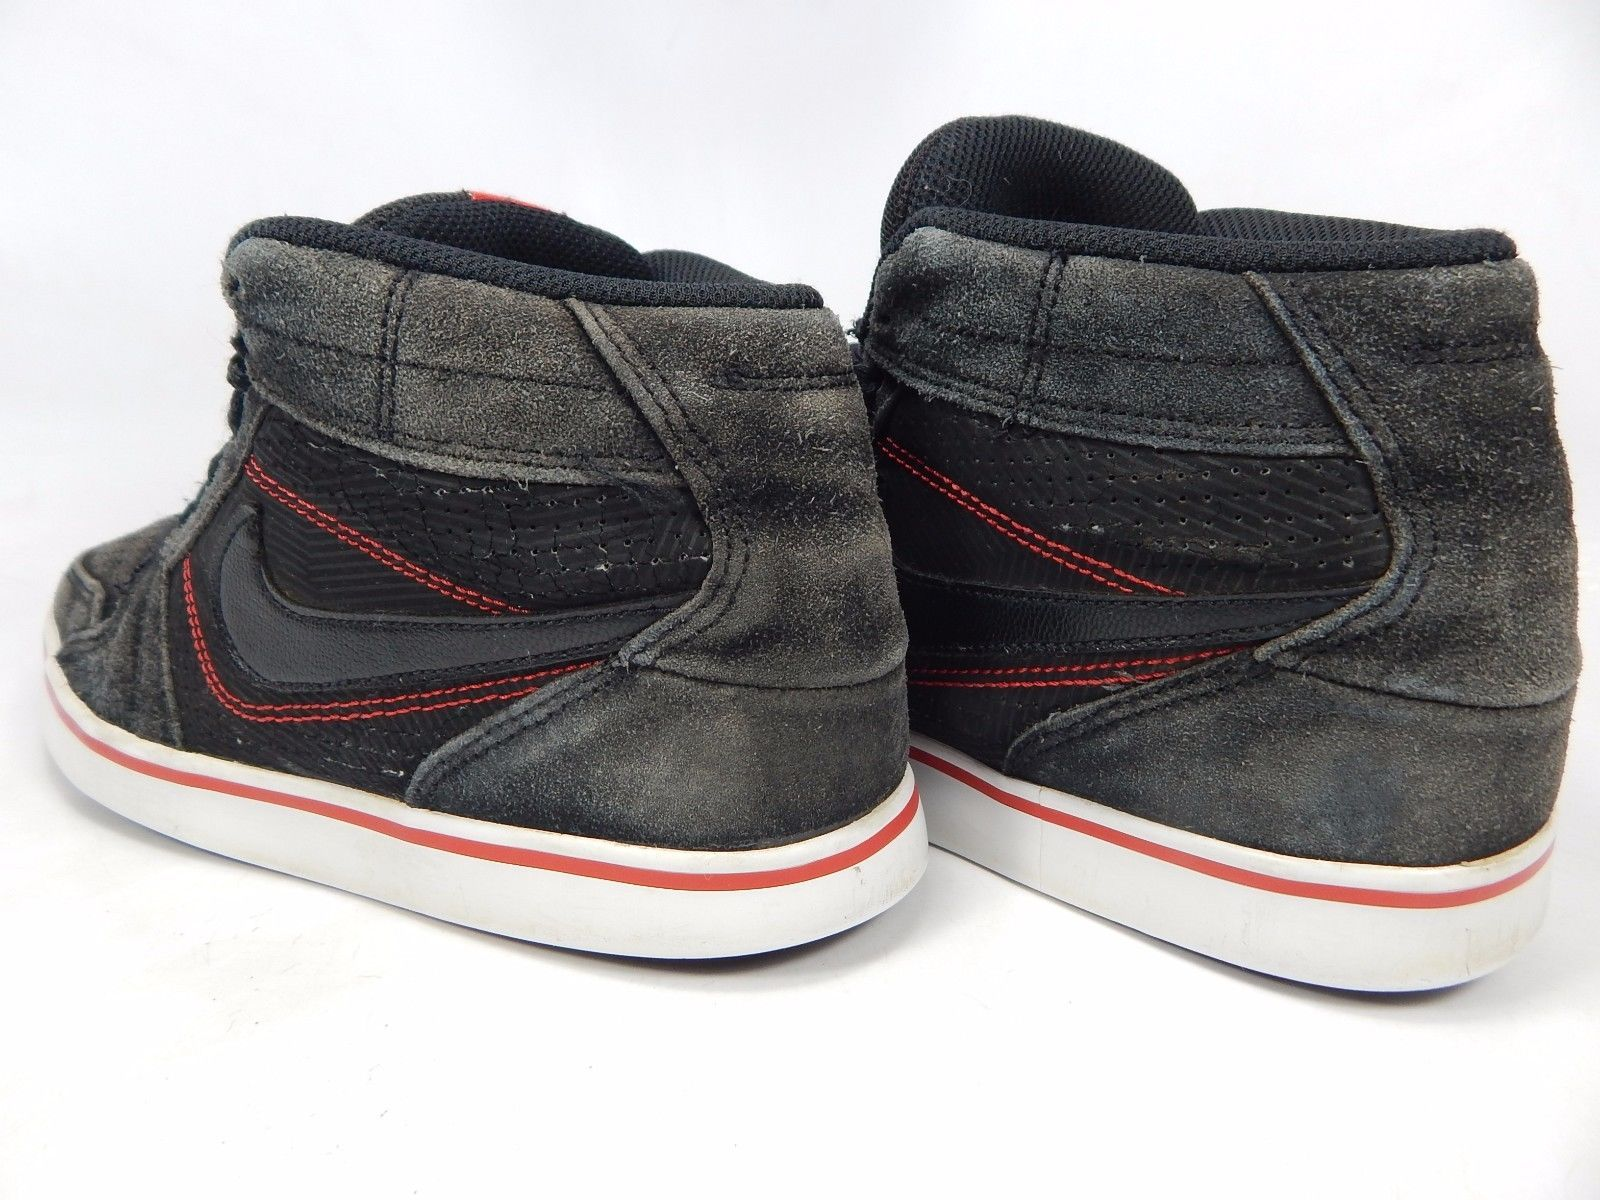 Nike Ruckus Men's Boy's Youth Skateboarding Shoes Sz 5.5 Y (M) EU 38 429662-008